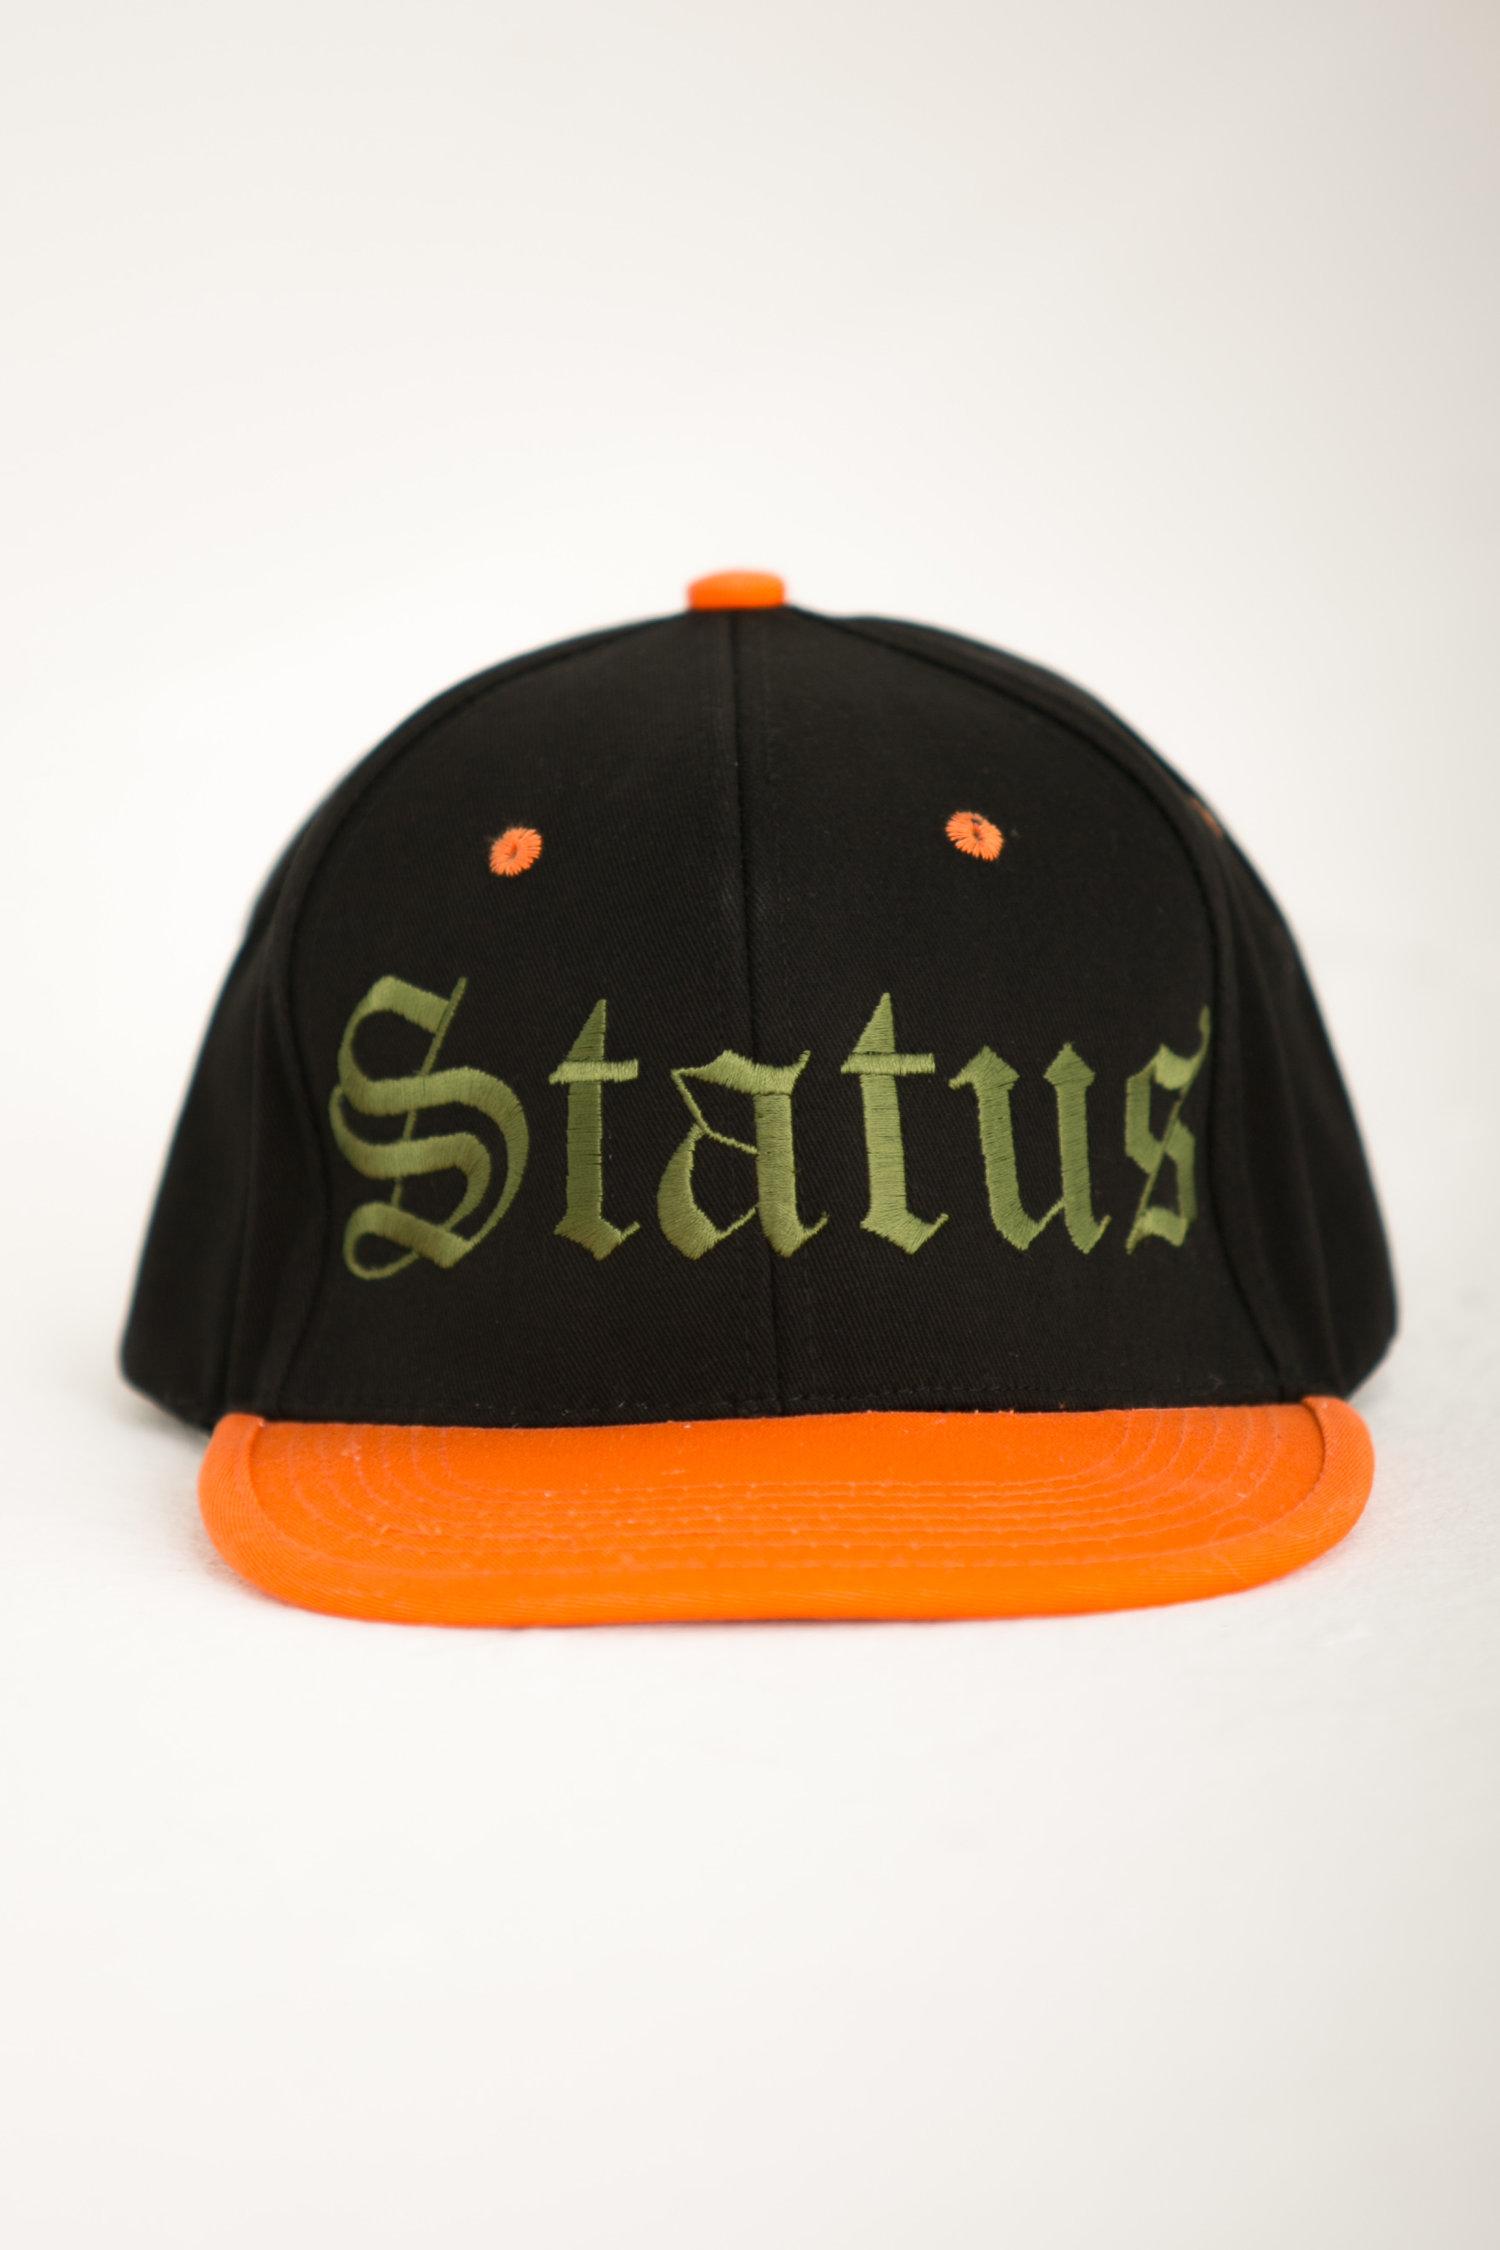 9df66d55243ec1 Status Snapback - Army Green & Orange — Status Industry